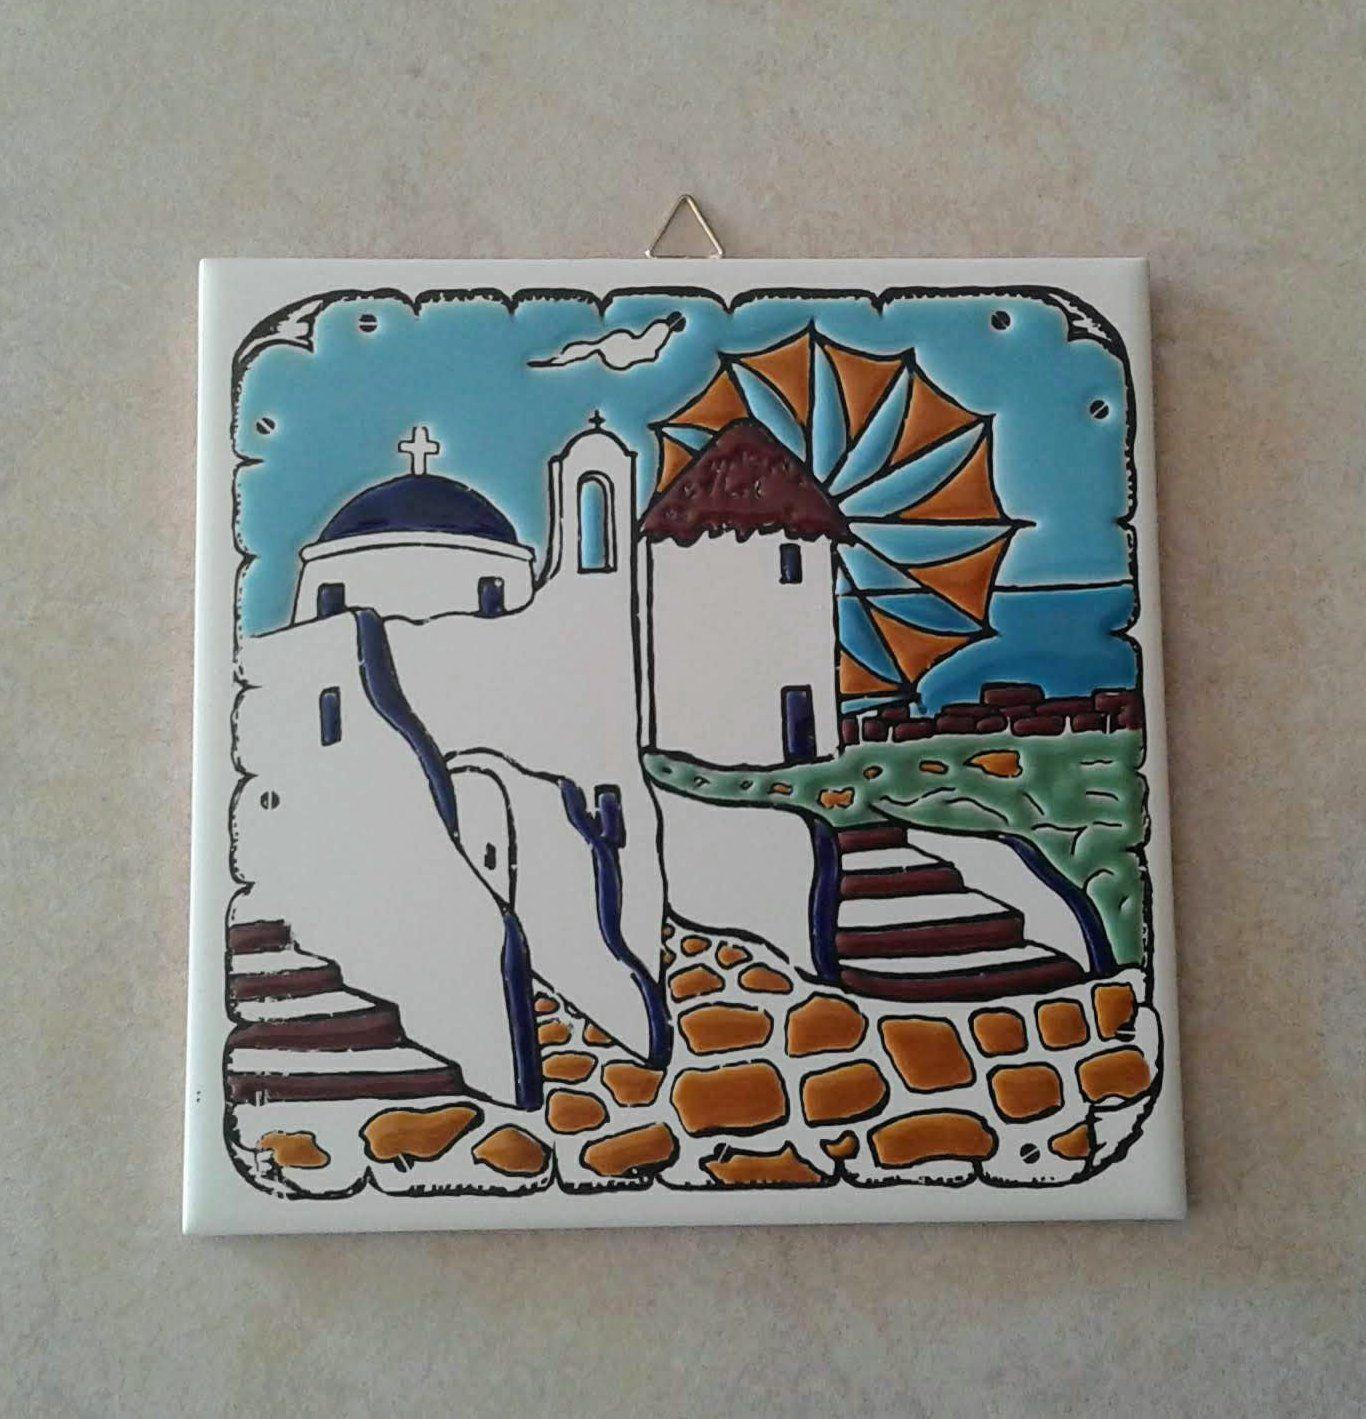 Ceramic Art Tile Greek Handmade Hand Painted In Relief Wall Etsy Tile Art Ceramic Tile Art Ceramic Art